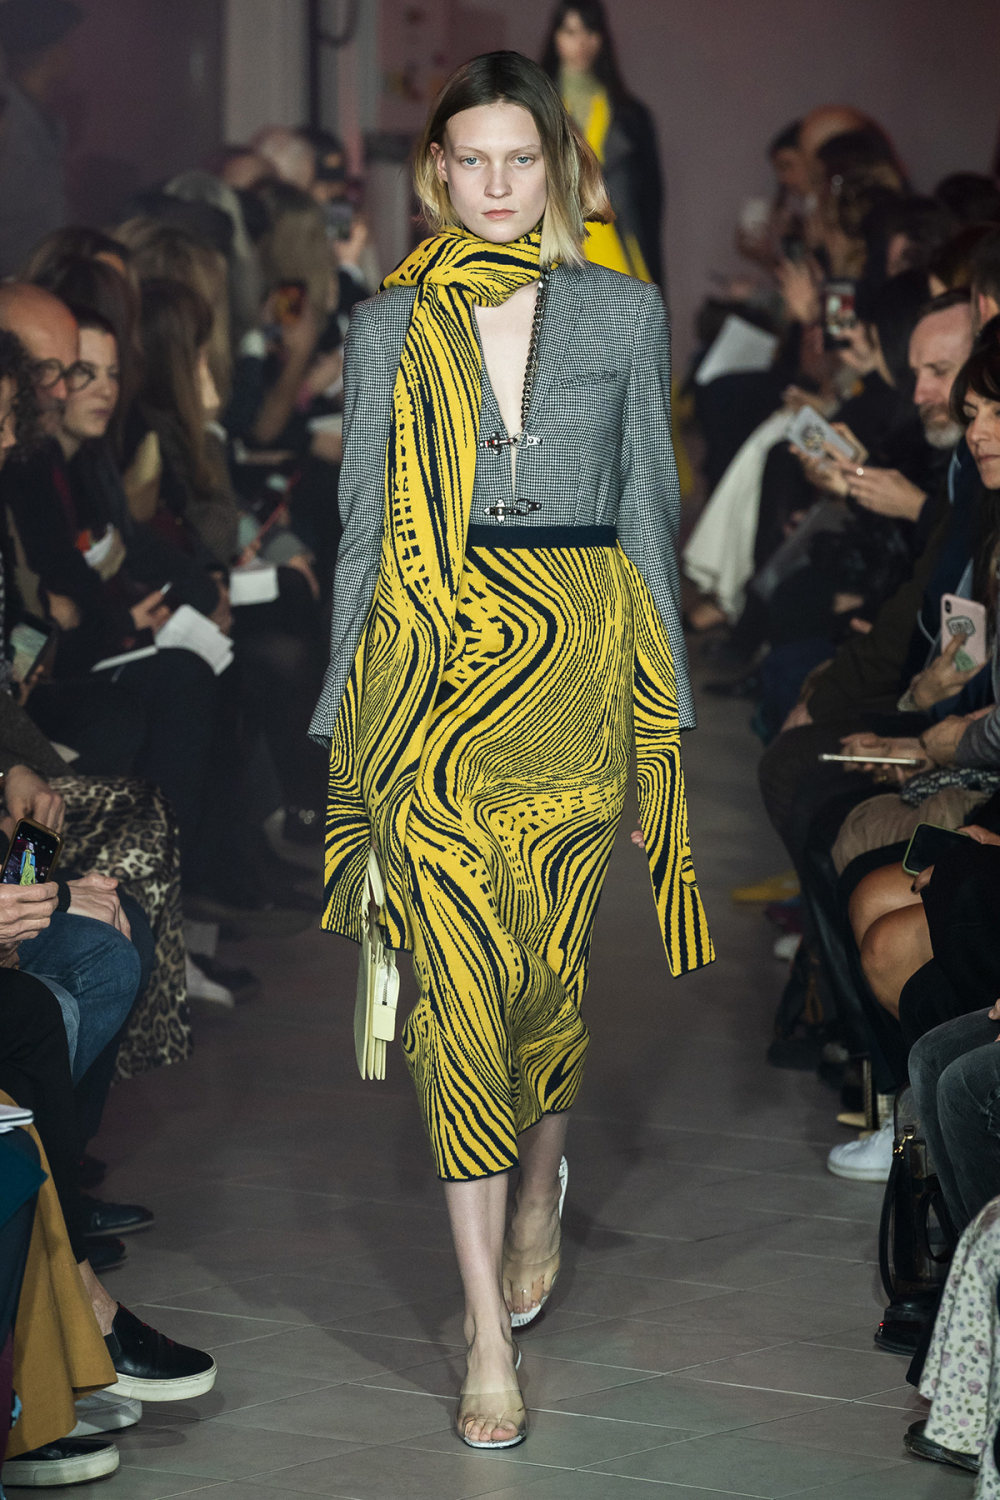 Rokh时装系列夹克系着金属钩子里面夹着镶满银色扣眼的铅笔裙-4.jpg